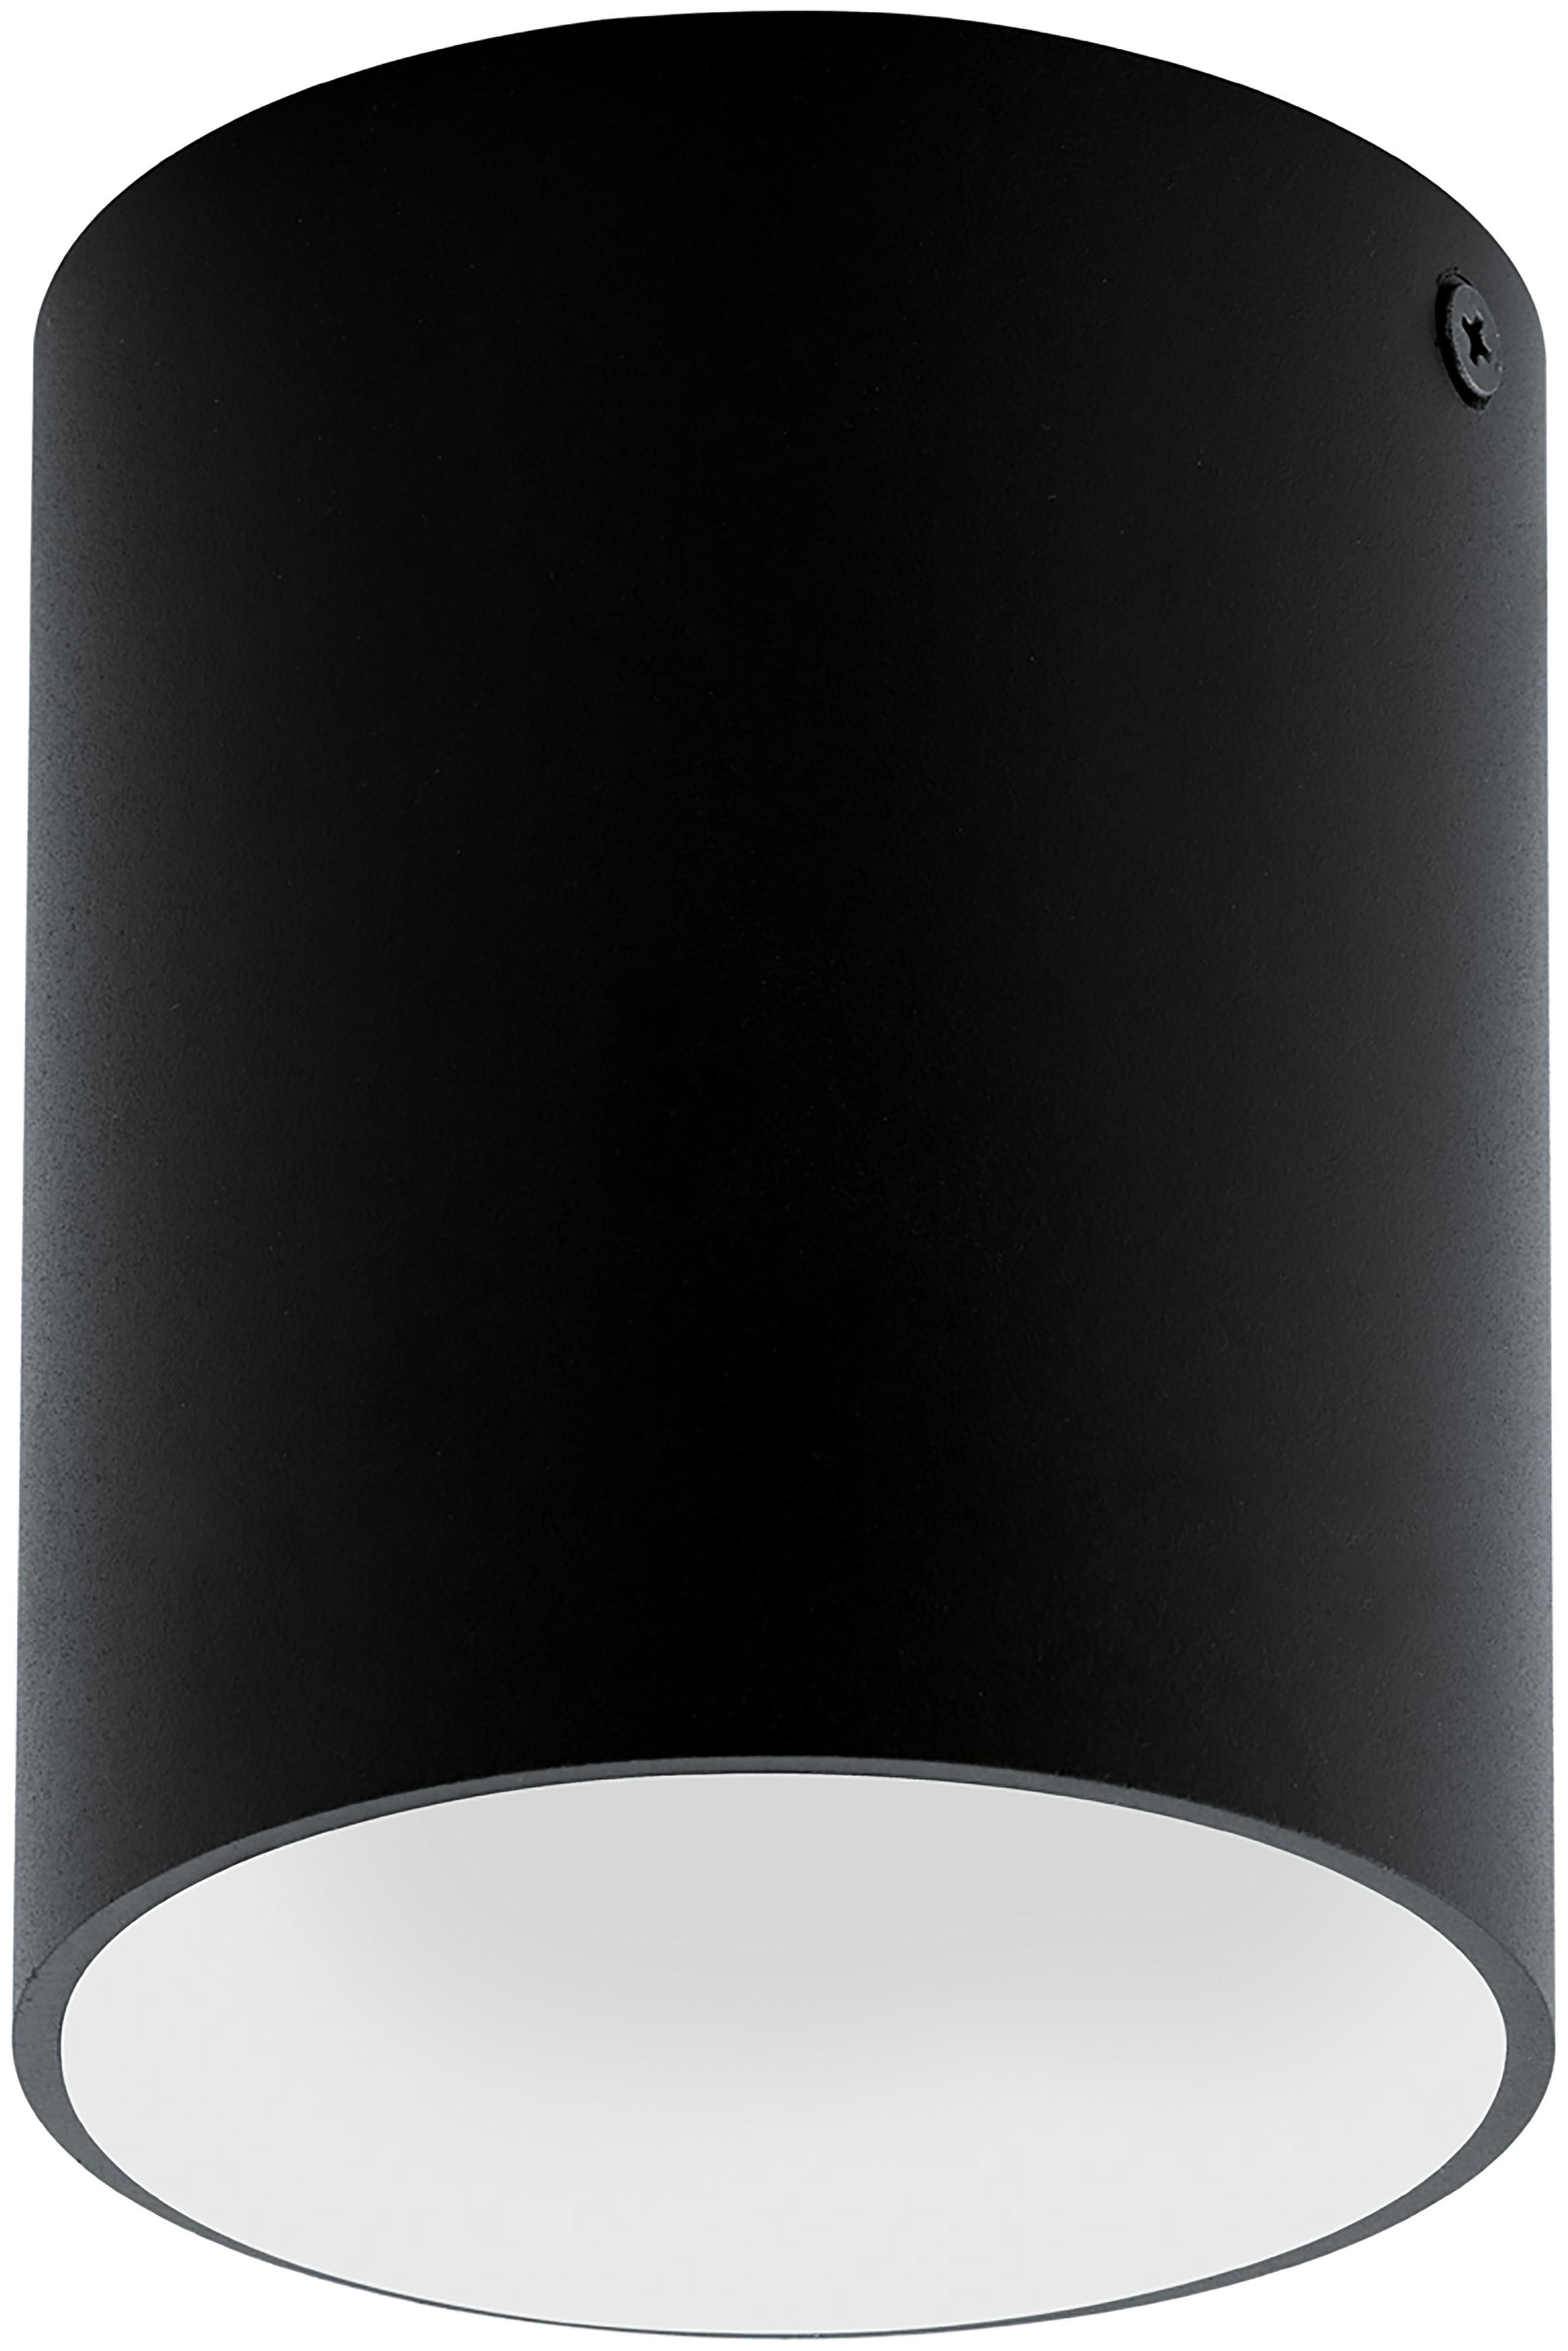 LED Deckenspot Marty, Metall, pulverbeschichtet, Schwarz,Weiss, ∅ 10 x H 12 cm